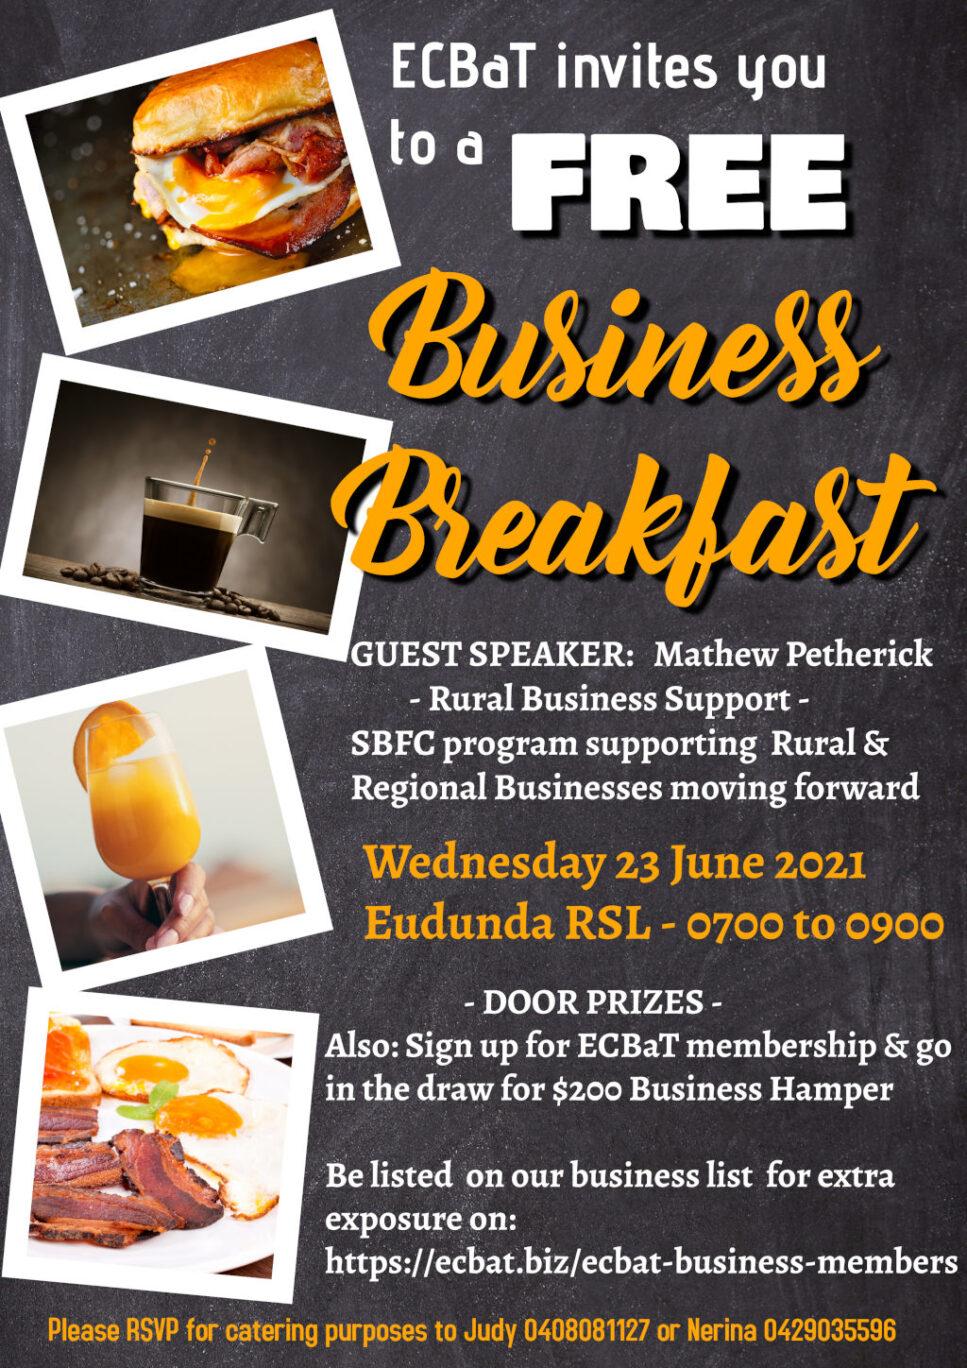 ECBAT Business Breakfast 23rd June 2021